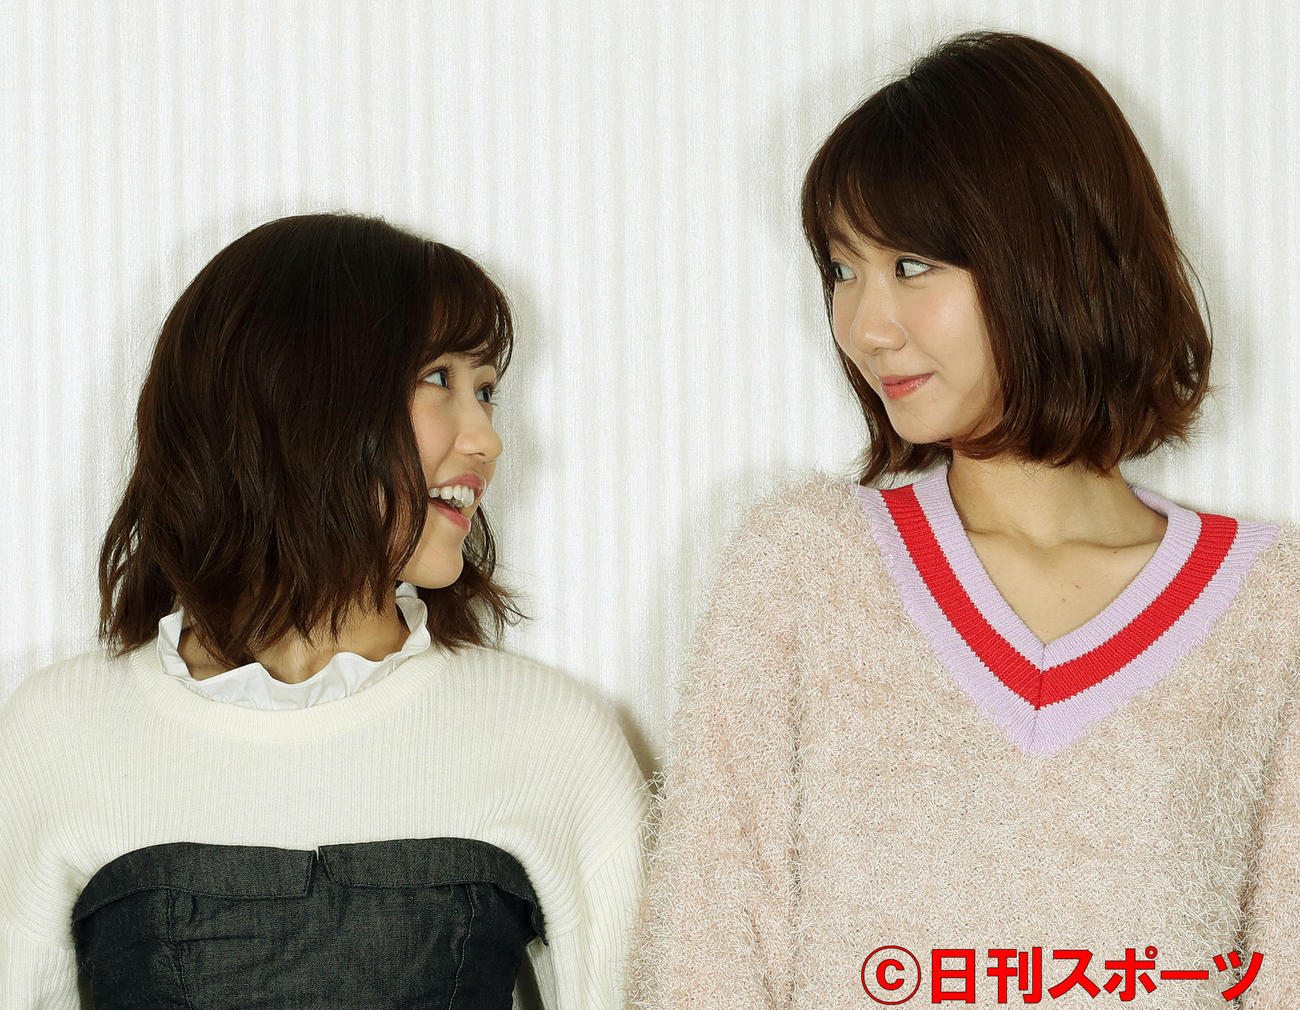 照れながら見つめ合う渡辺麻友(左)と柏木由紀は(17年11月28日撮影)